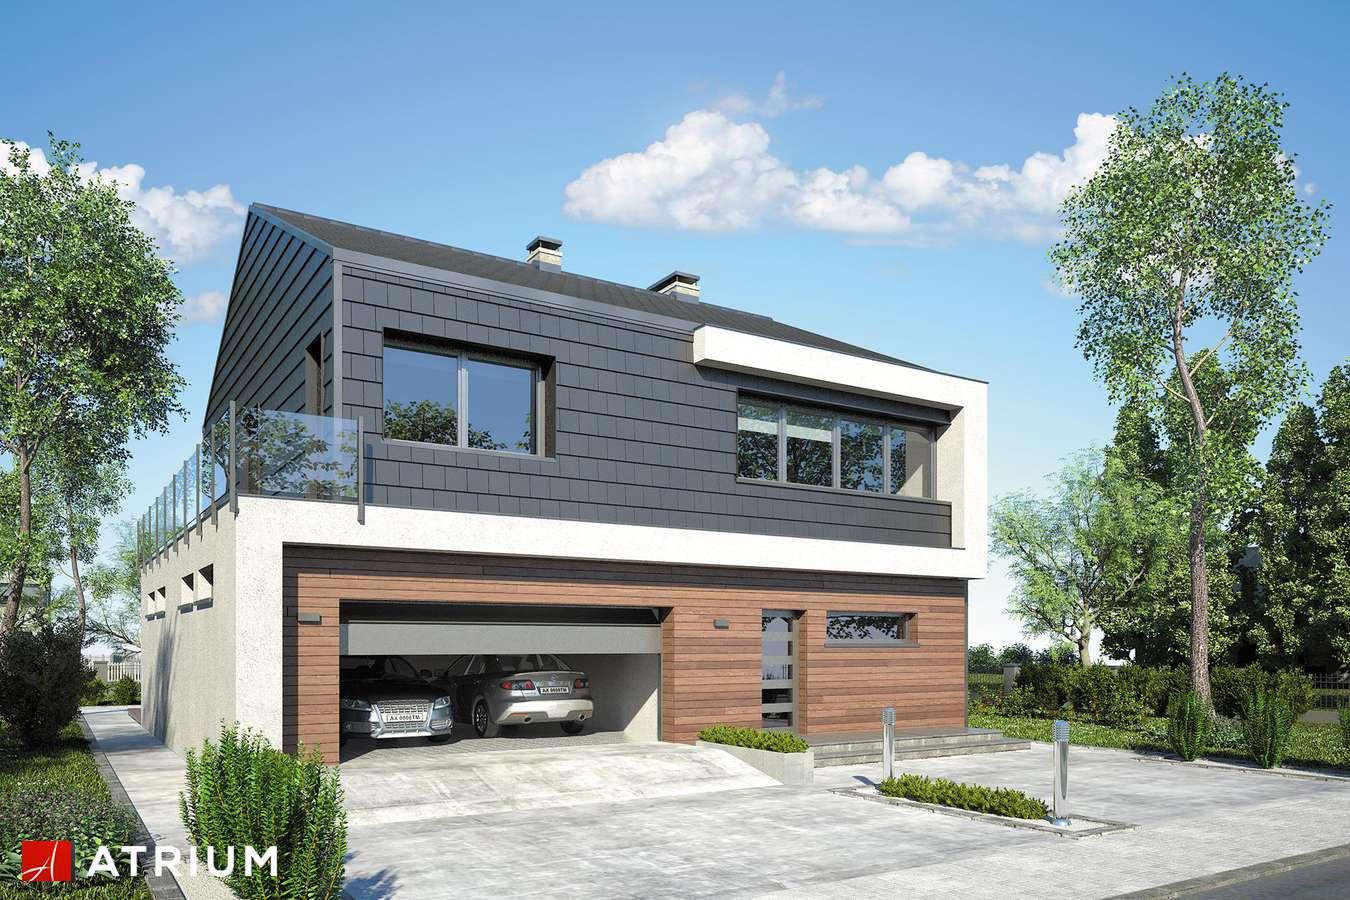 Projekty domów - Projekt domu piętrowego NEW HOUSE - wizualizacja 1